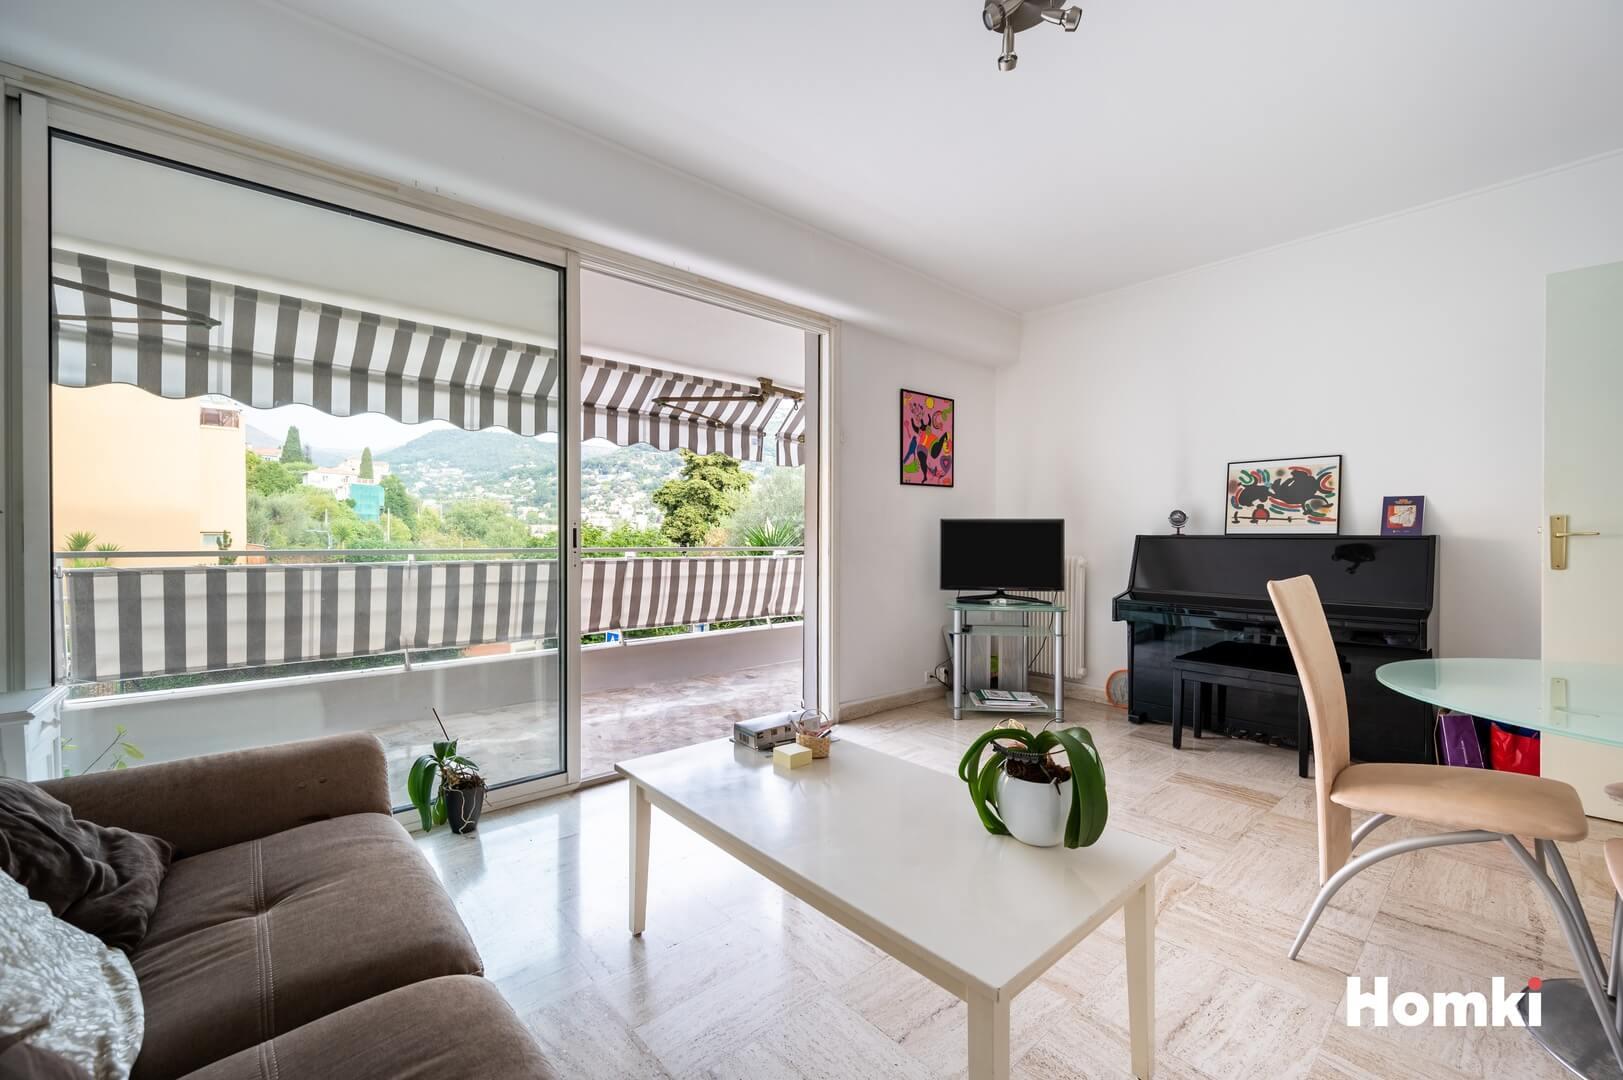 Homki - Vente Appartement  de 60.0 m² à Vence 06140